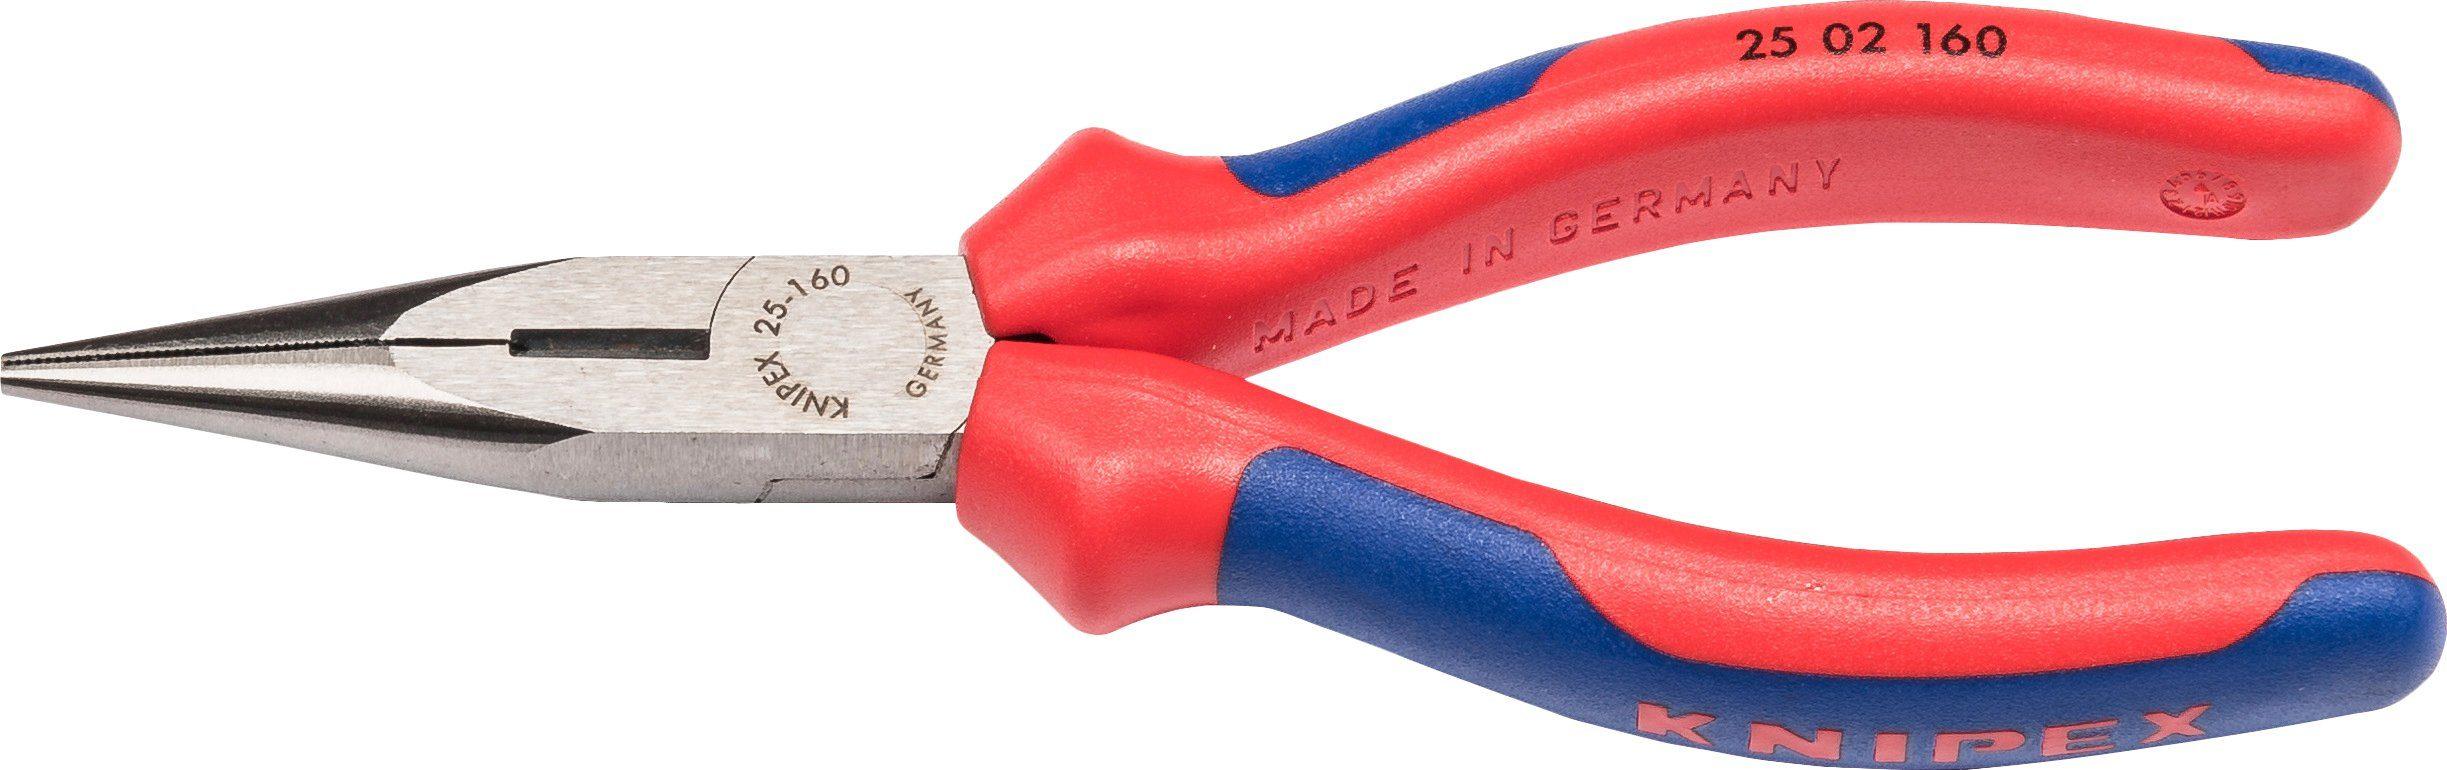 KNIPEX Flachrundzange »WKPT2502160«, 160 mm